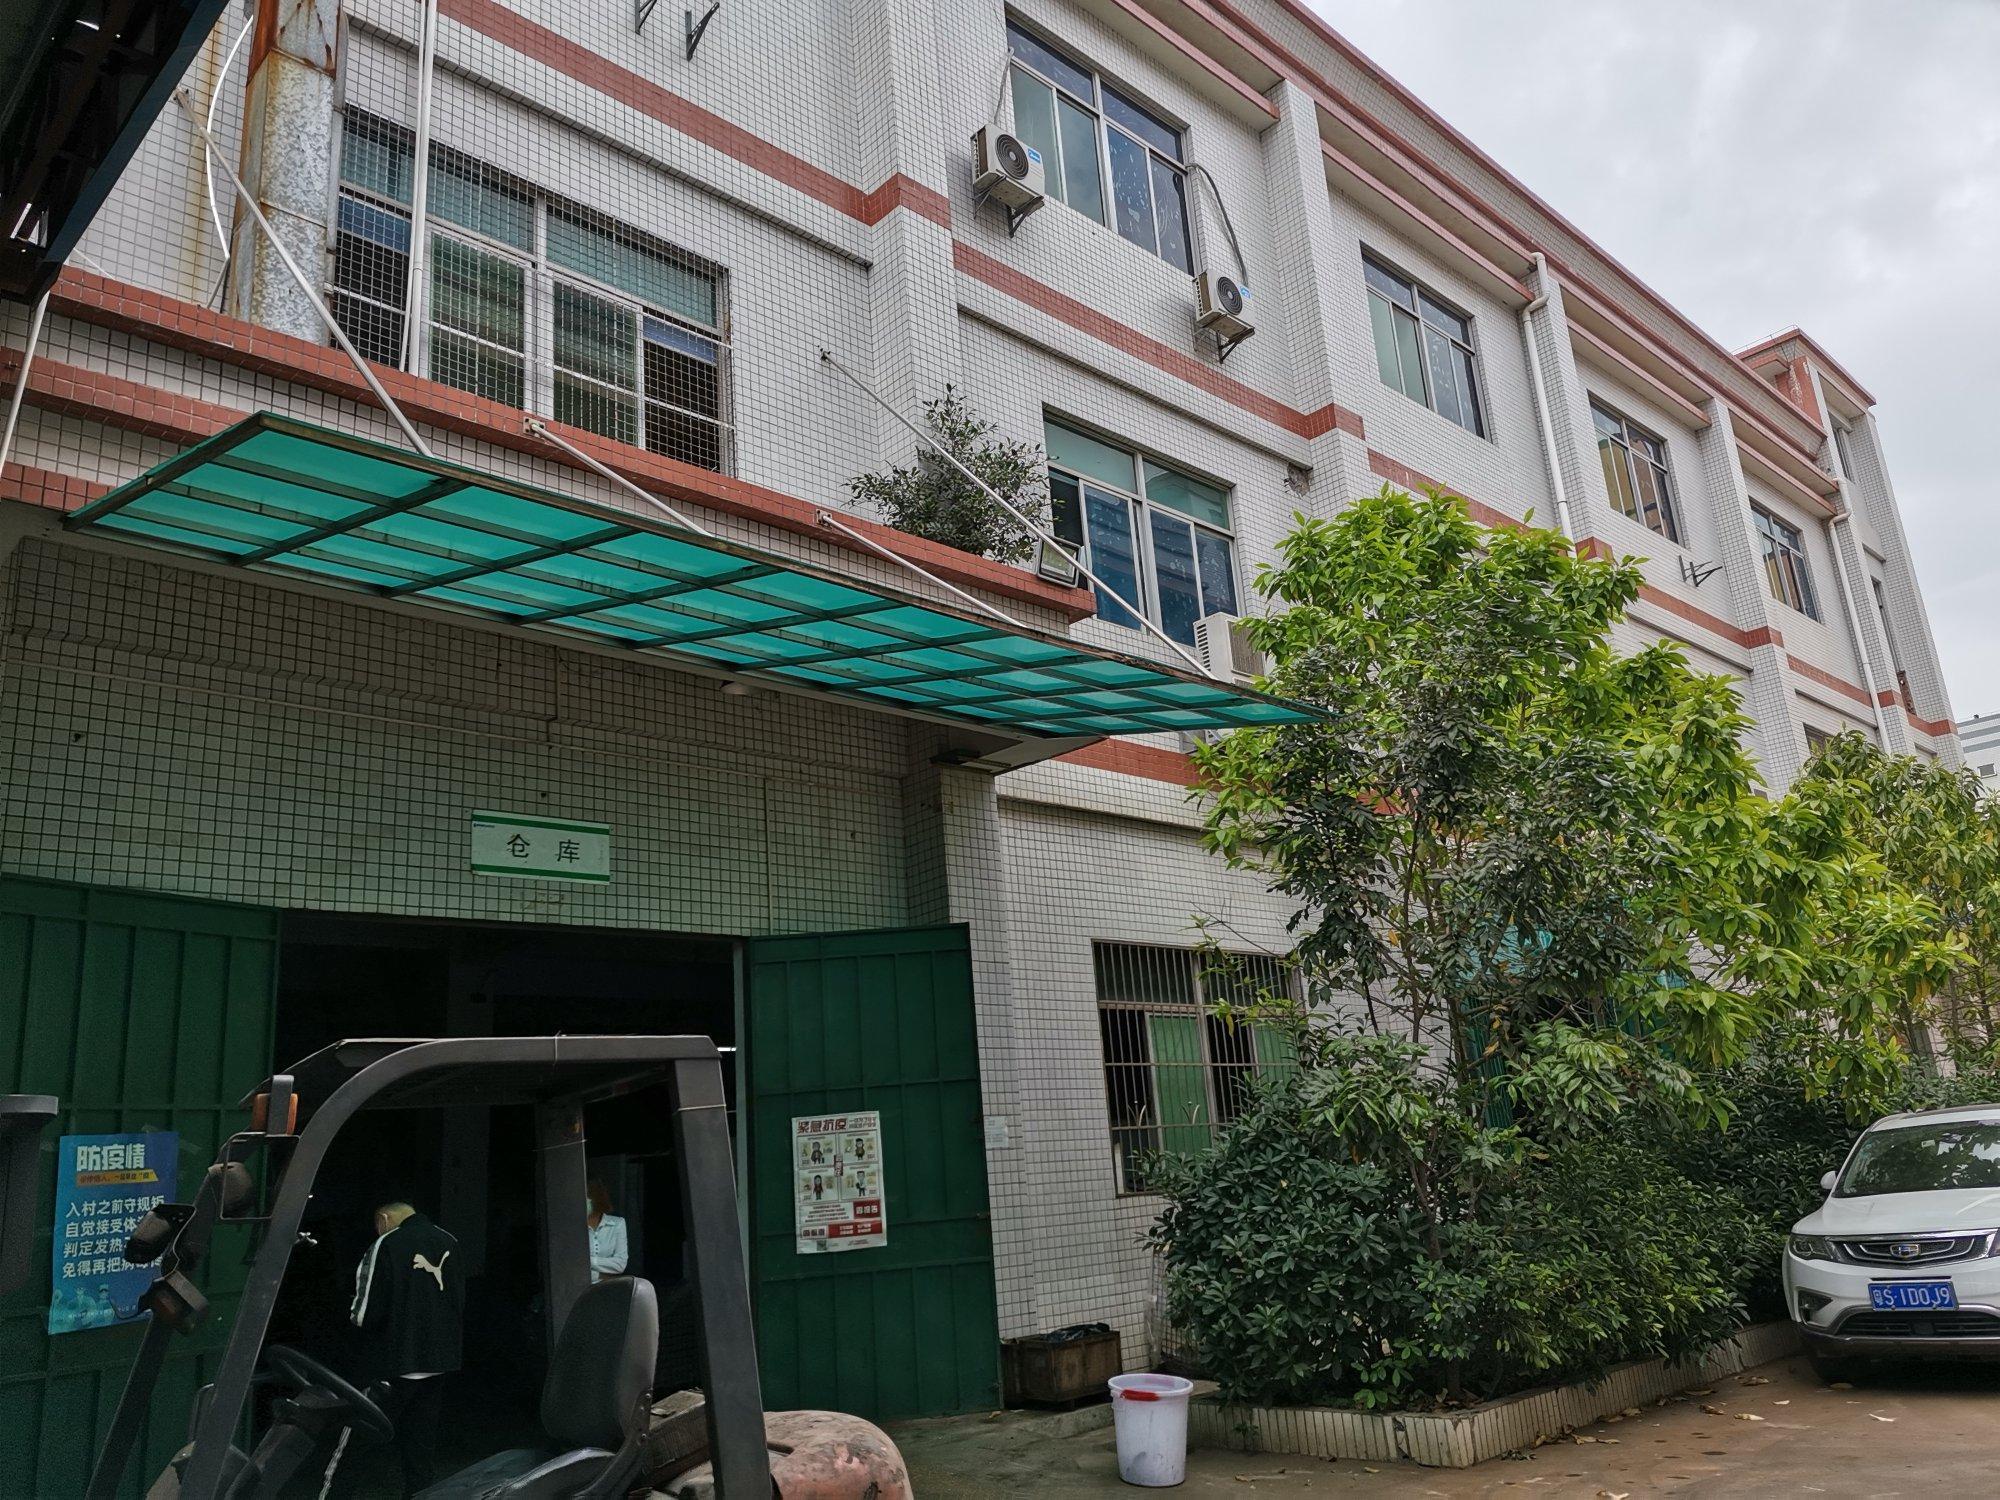 惠州市惠阳区原房东十万级无尘车间2800平方米出租